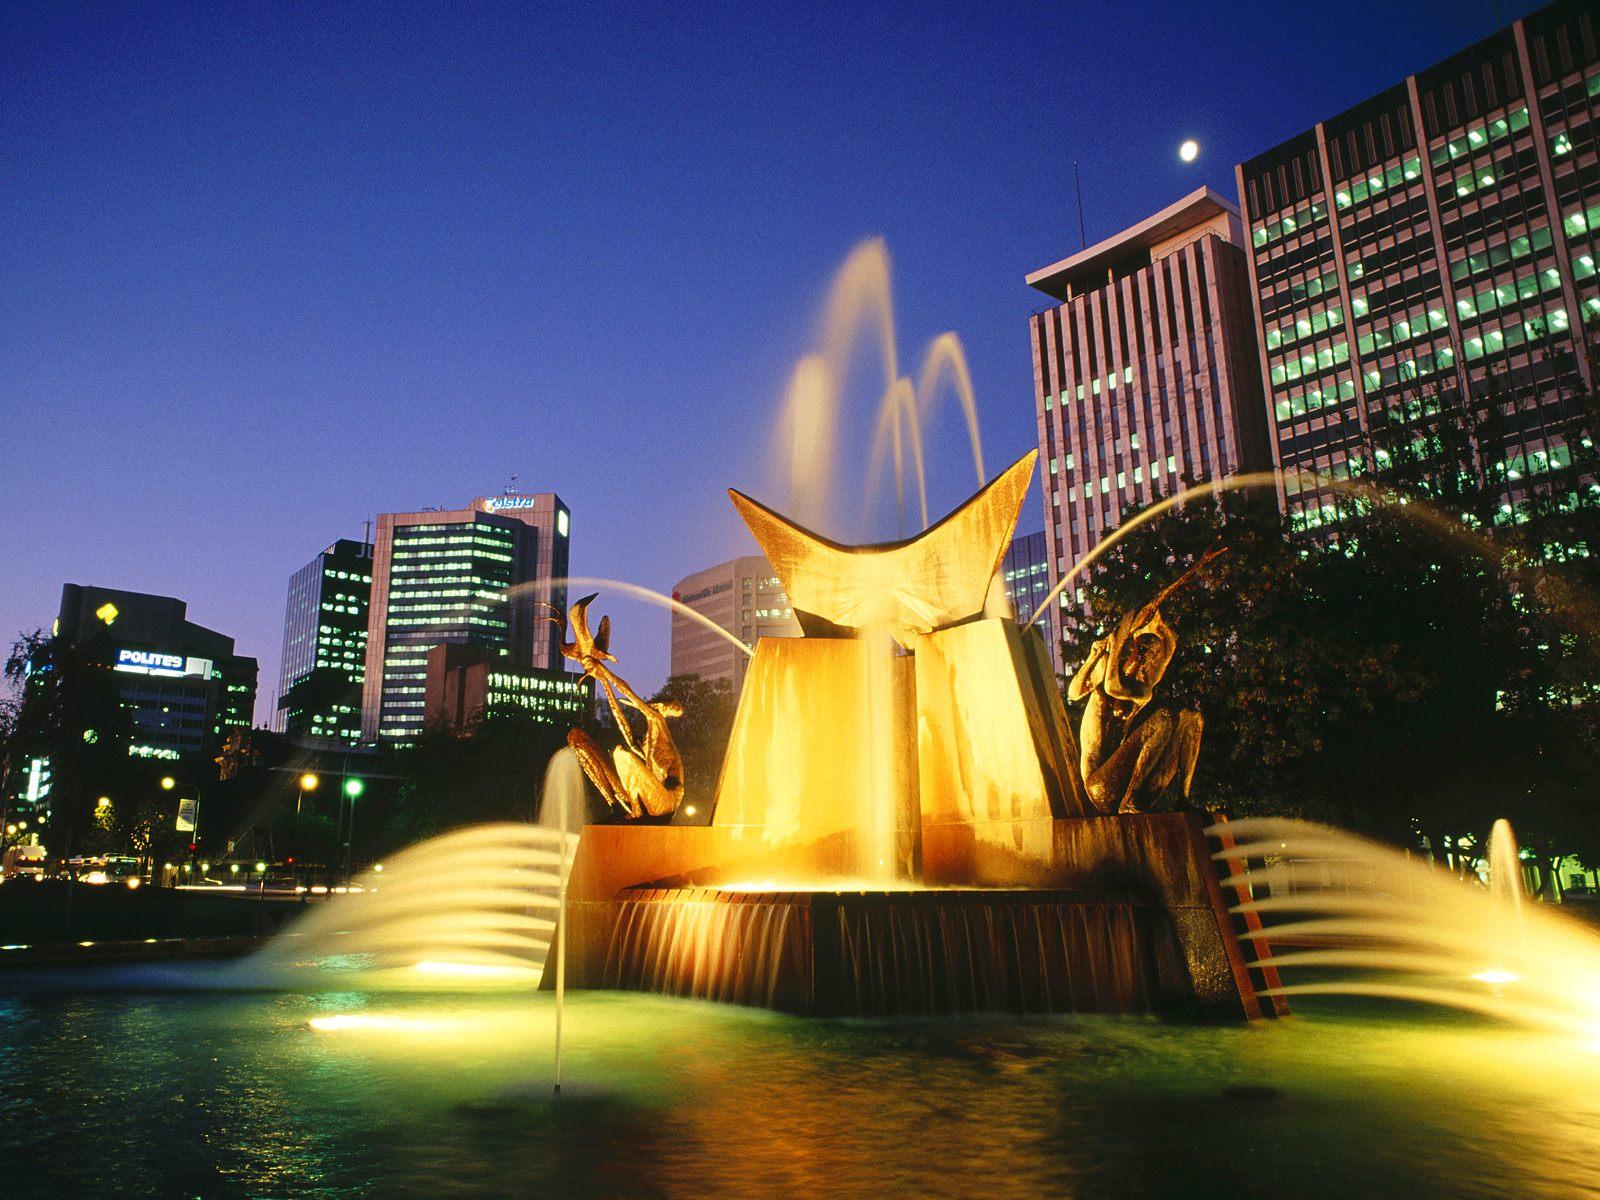 Victoria Square Fountain Adelaide Australia